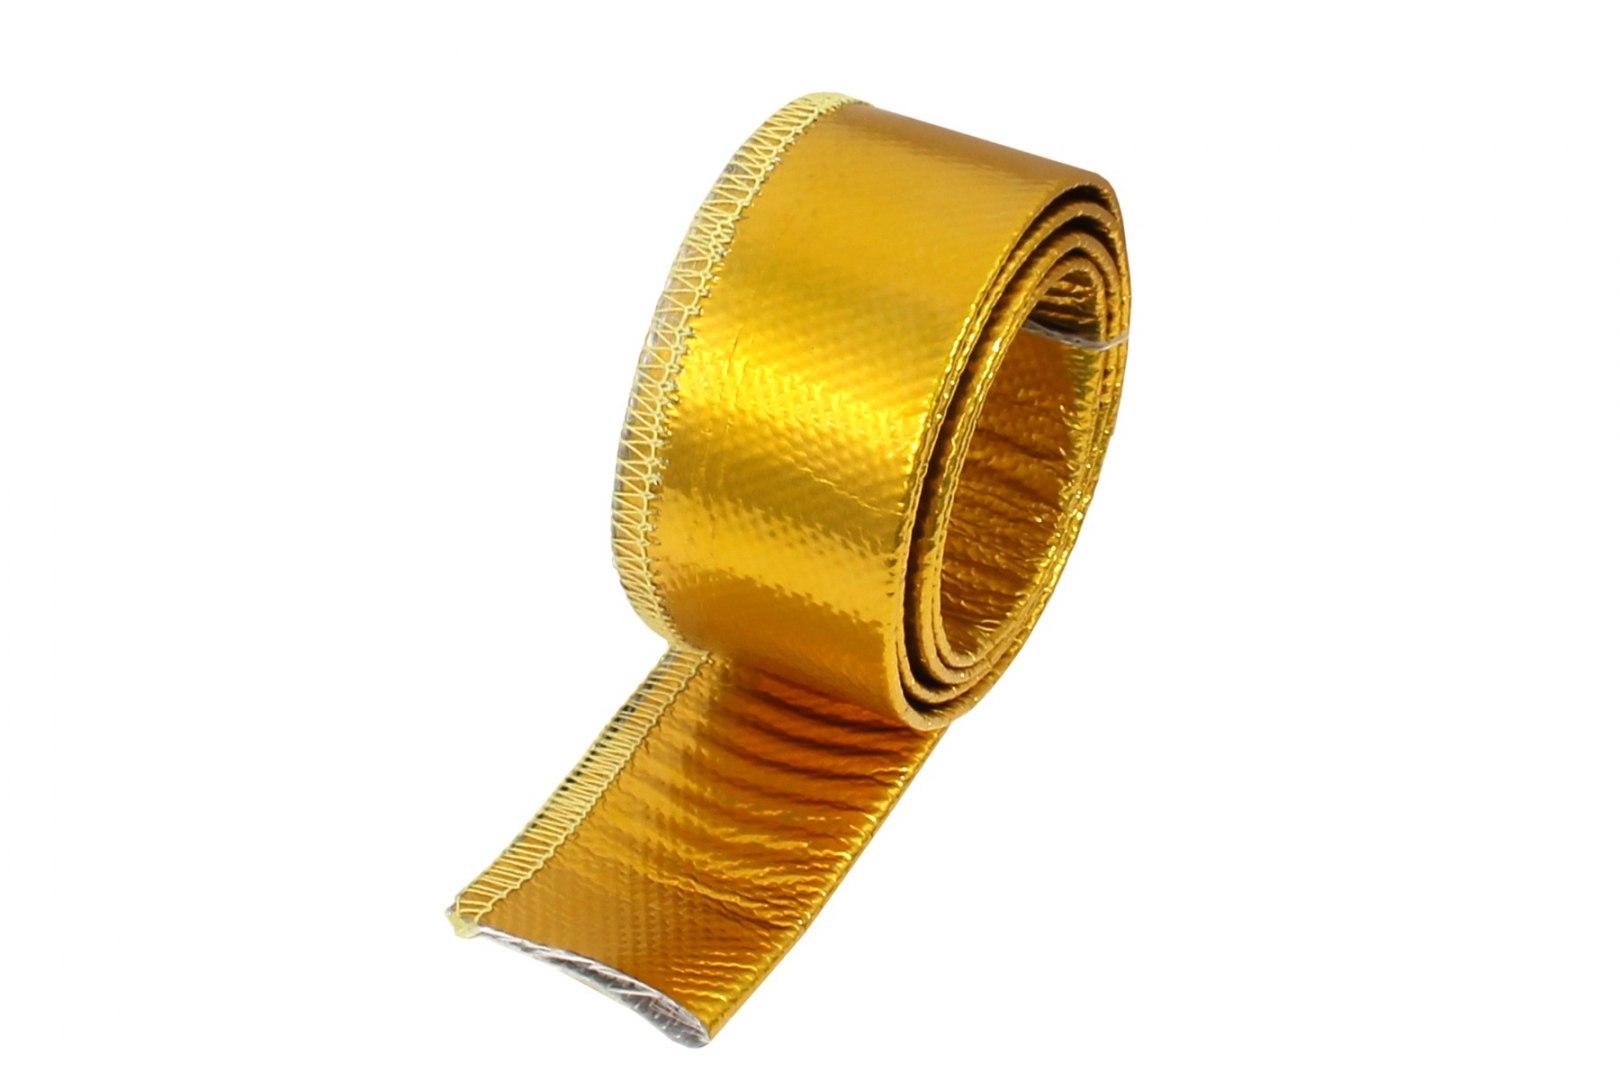 Osłona Termiczna przewodów złota 20mm 100cm - GRUBYGARAGE - Sklep Tuningowy